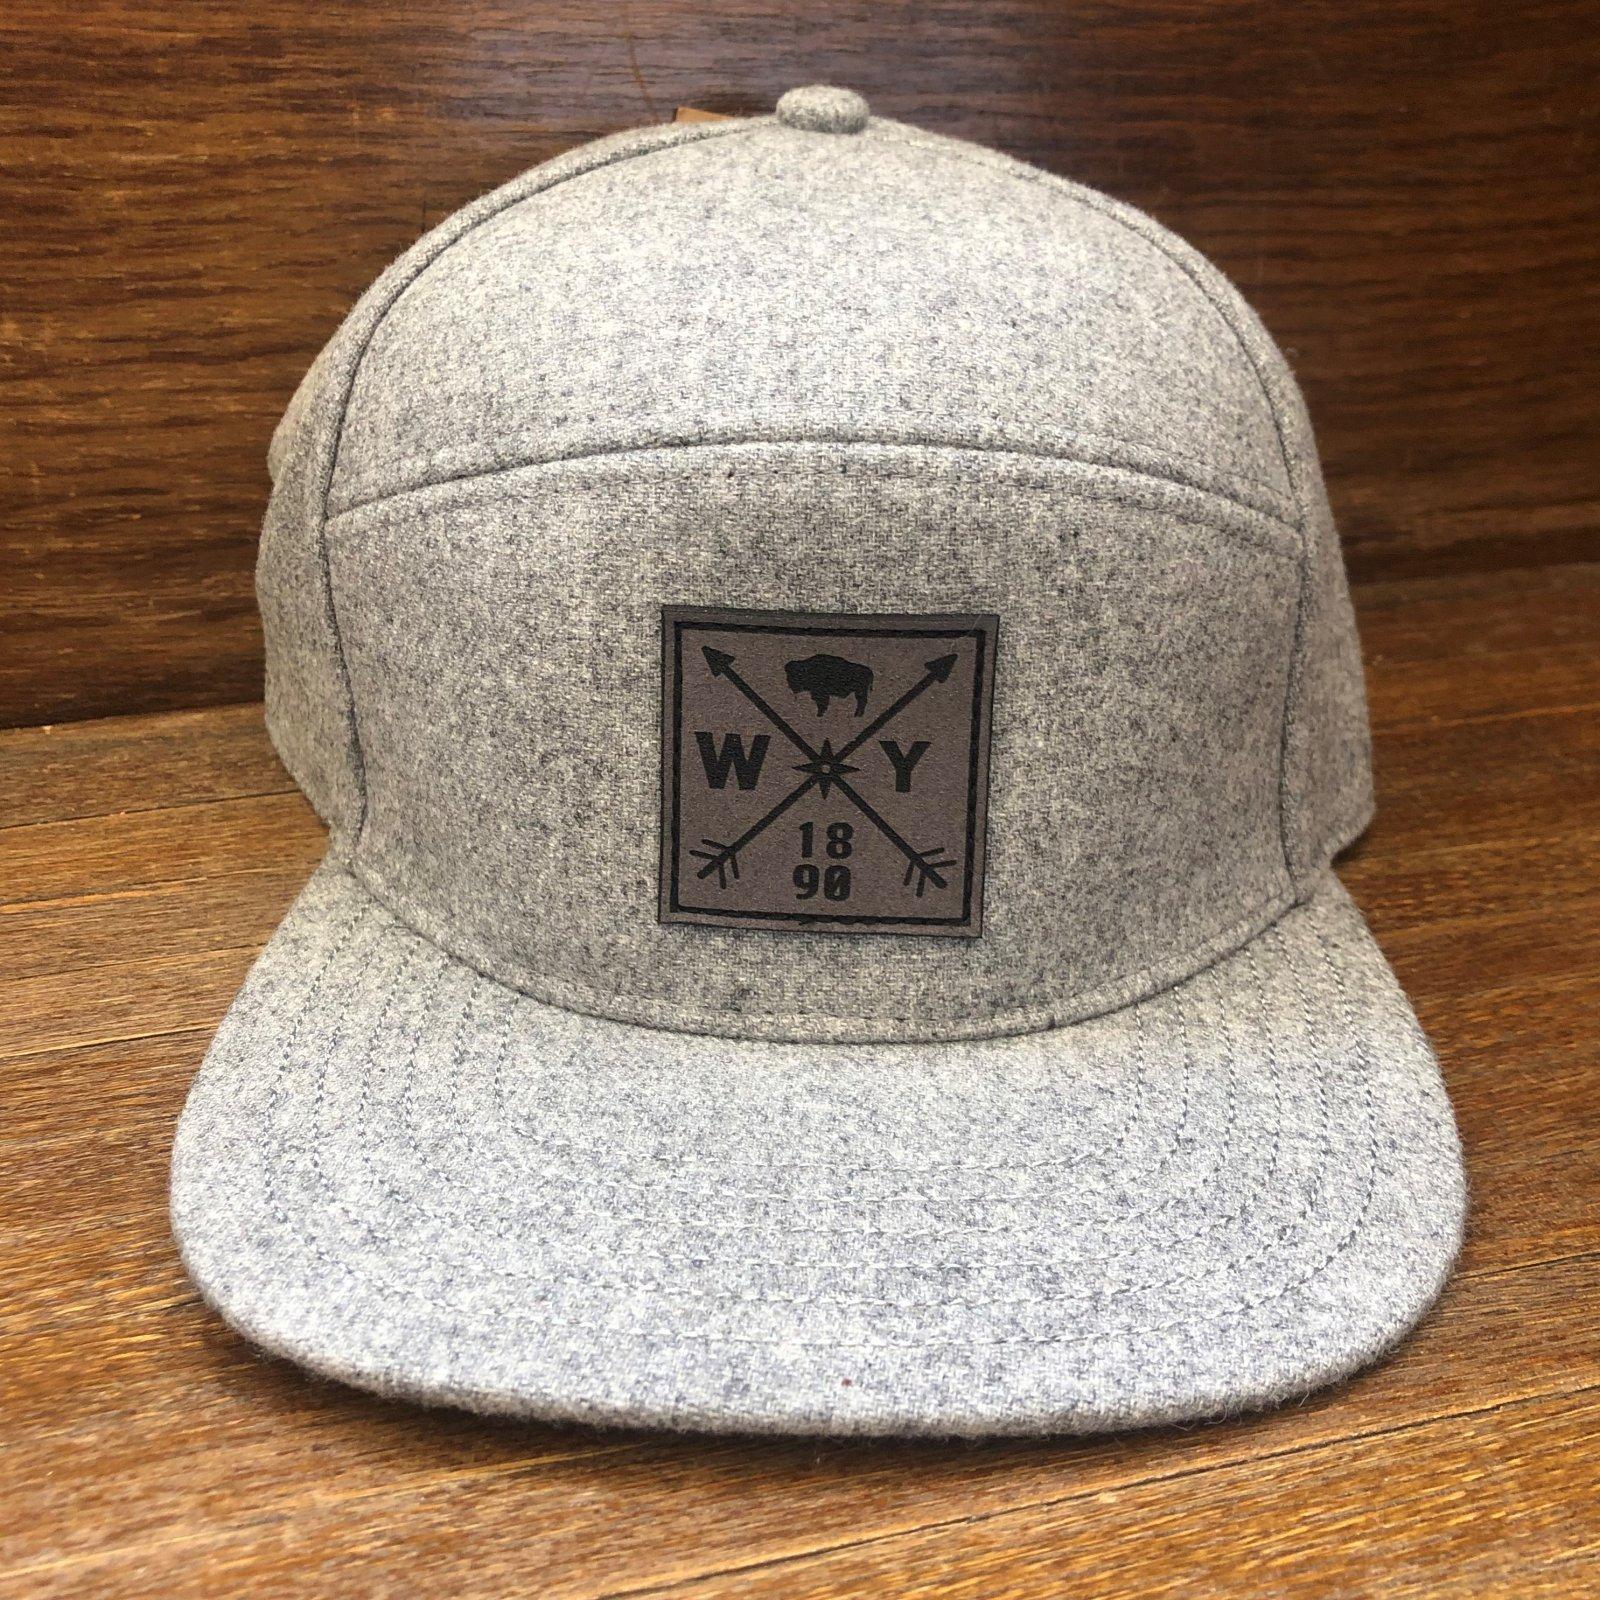 Locale 1890 7-Panel Flatbrim Cap